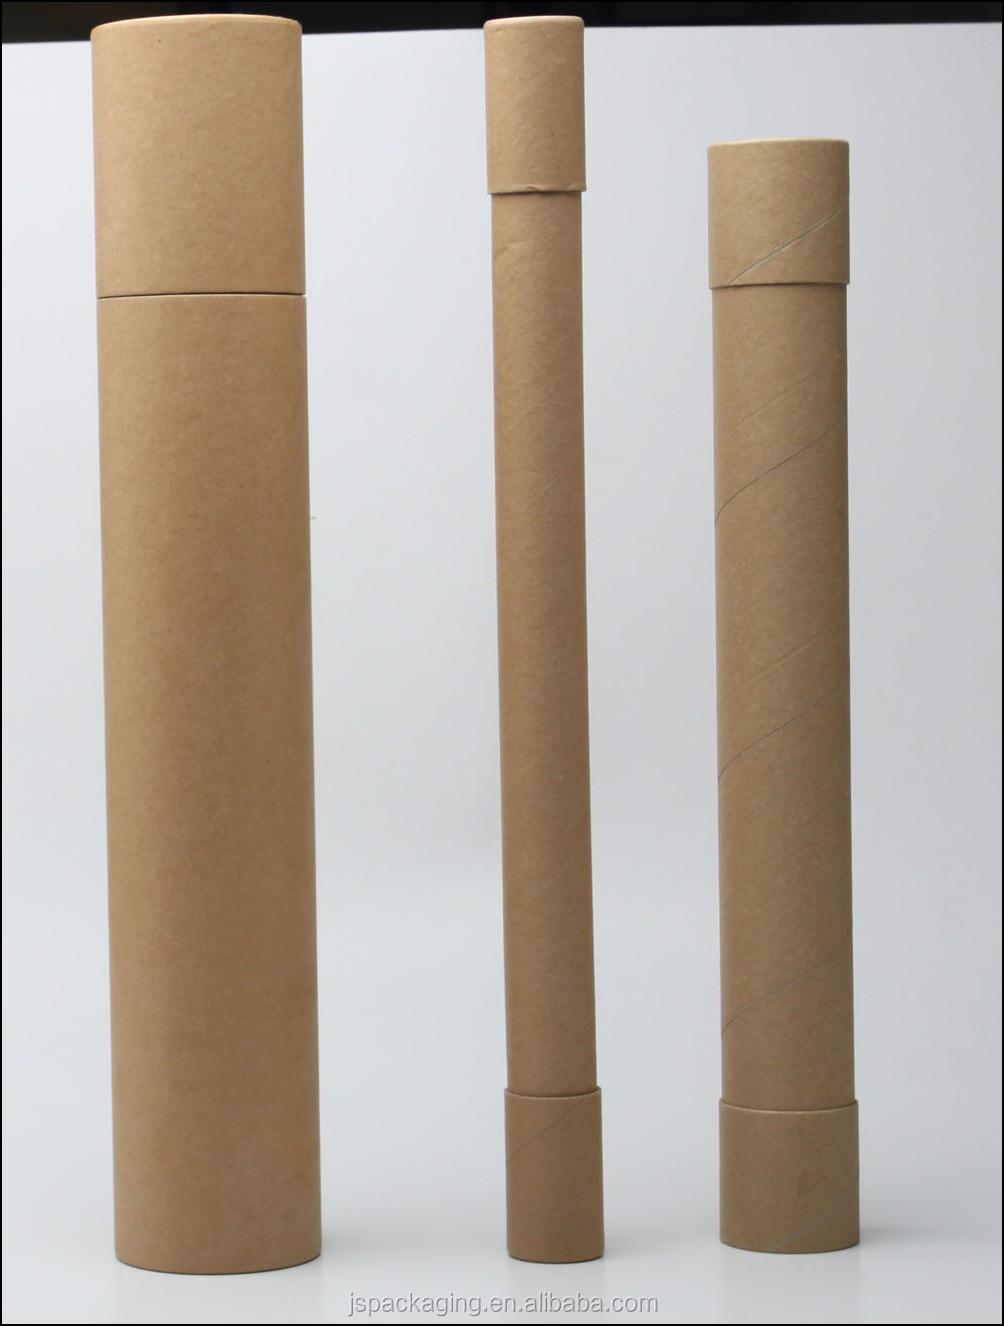 paper tube packaging